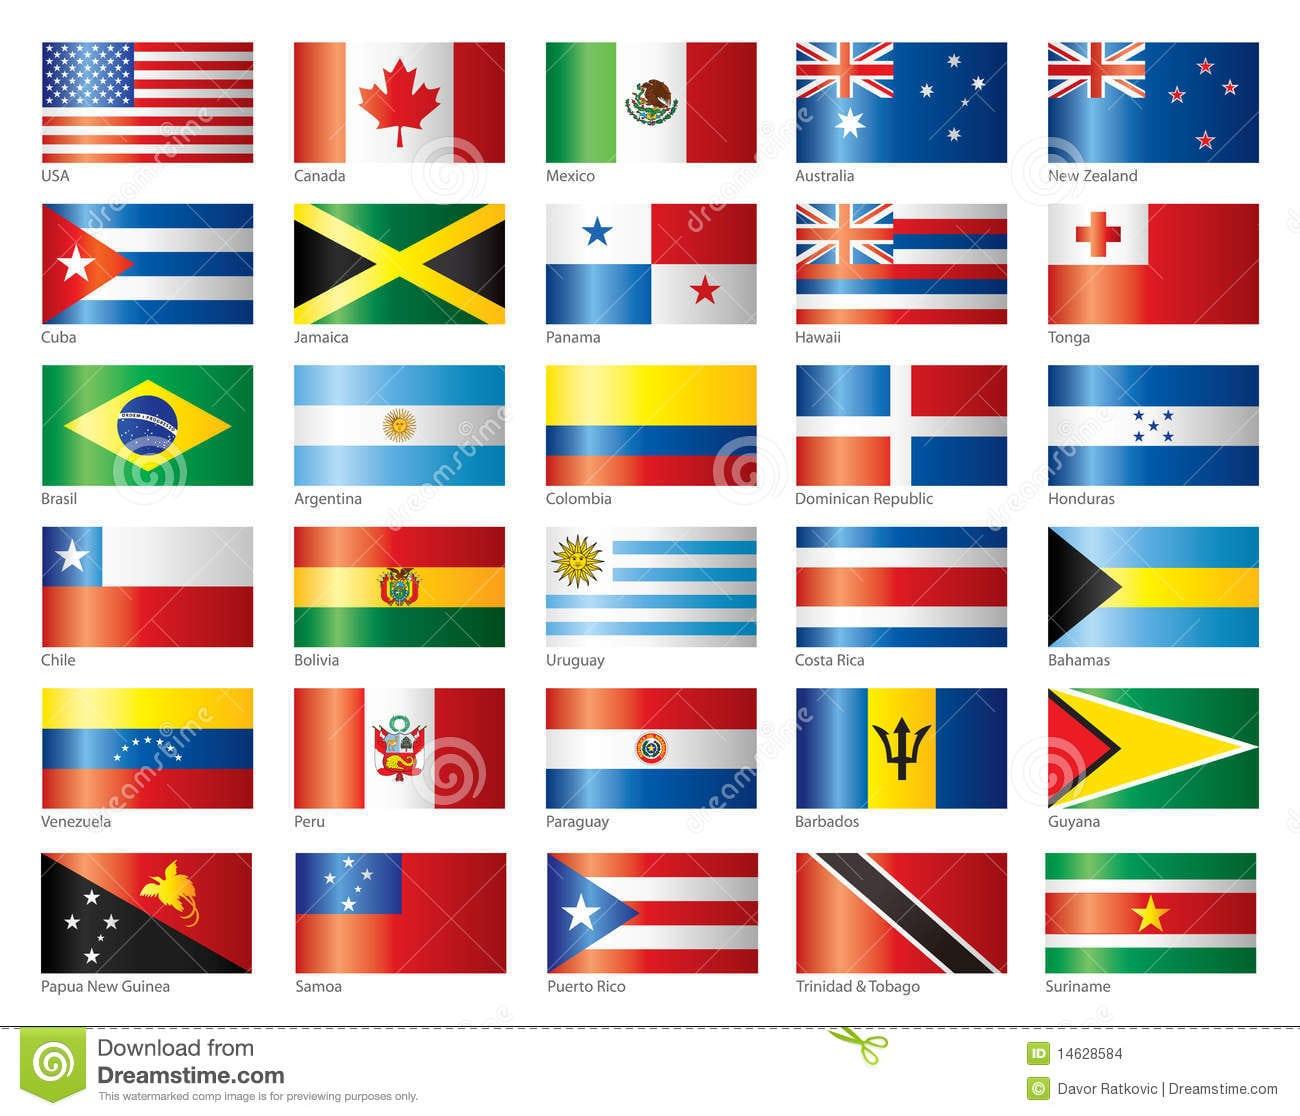 America Ilustrações De Stock – 82,460 America Ilustrações De Stock